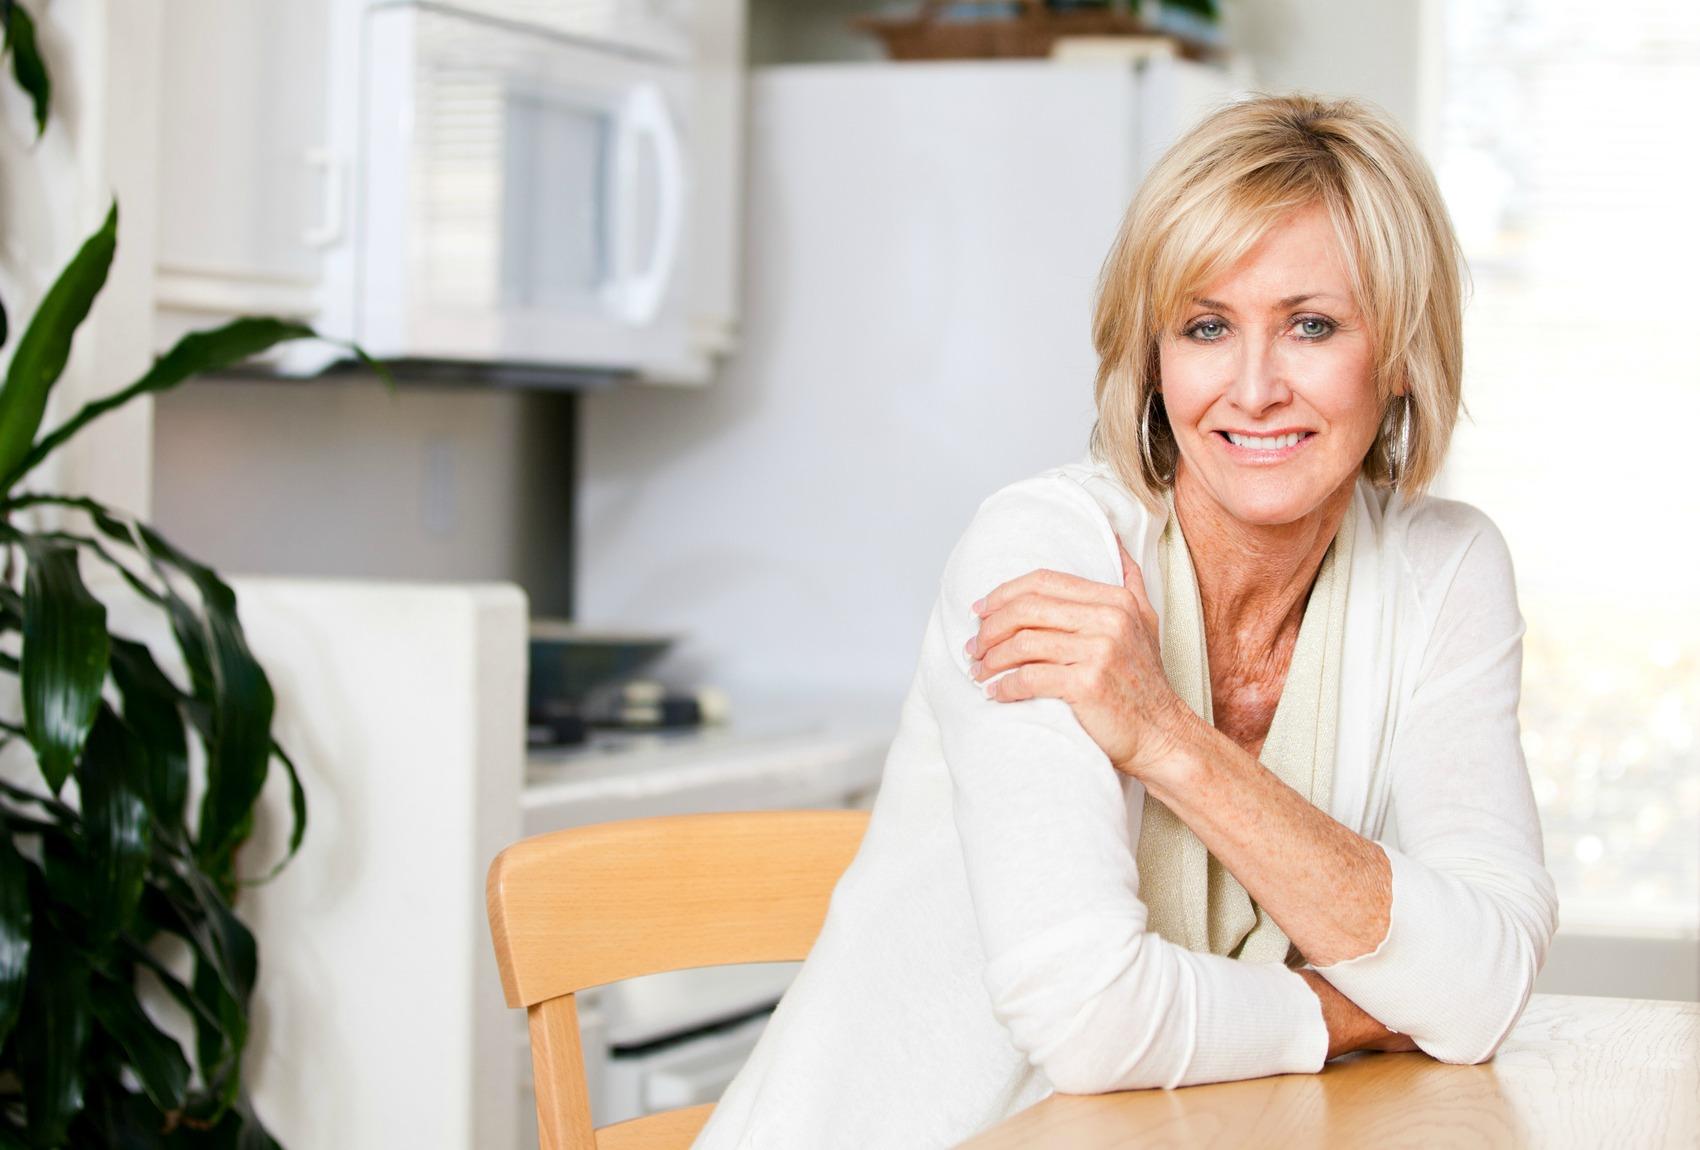 Открытки, картинки для женщины 40 лет